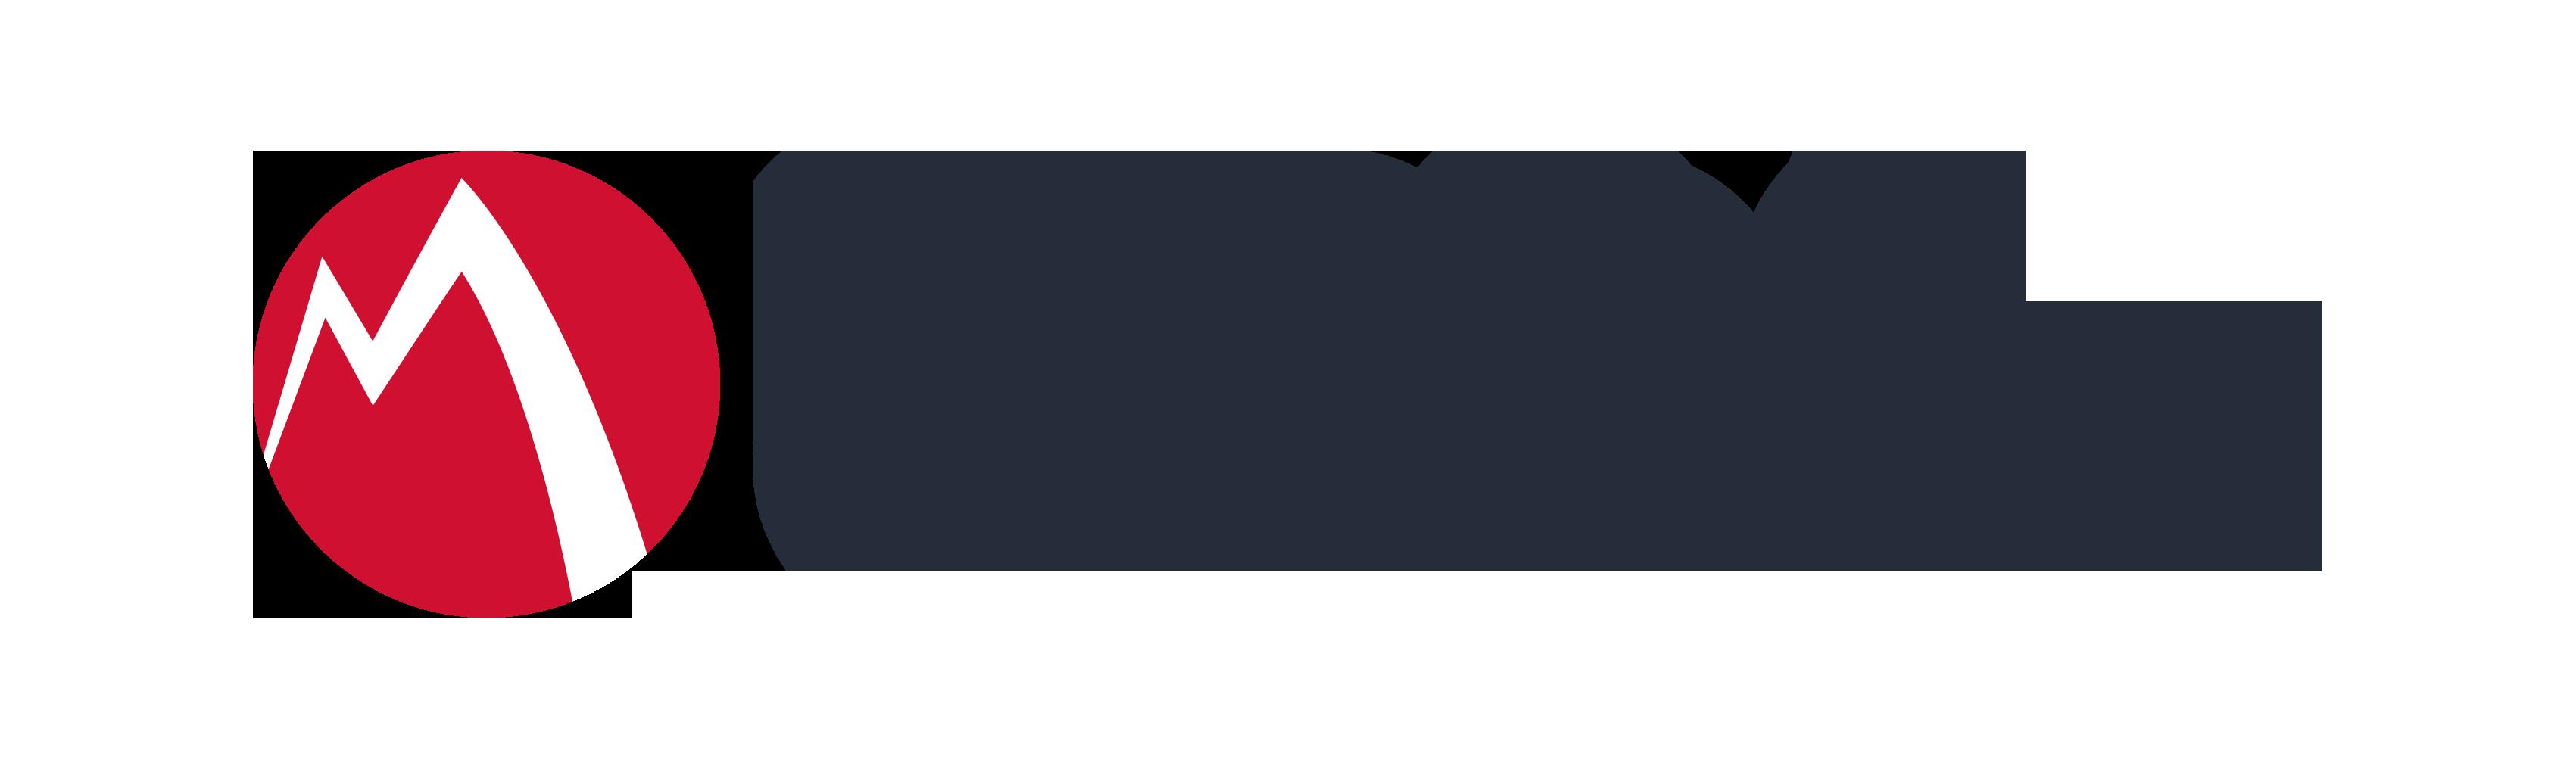 MobileIron-Logo_